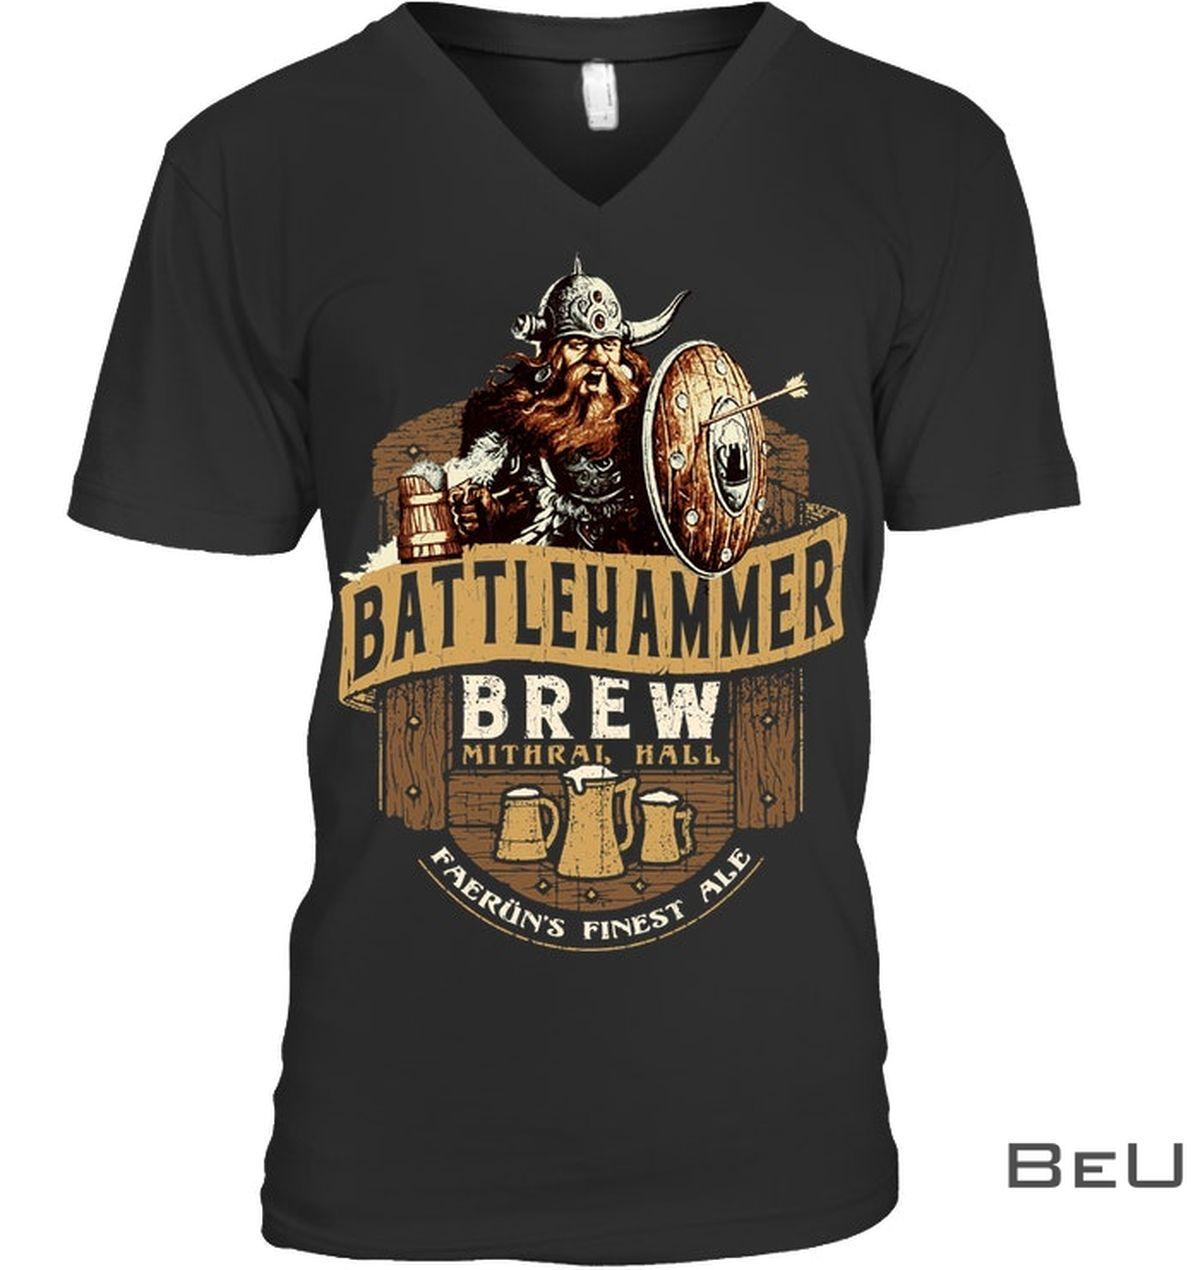 Battlehammer Brew Mithral Hall Faerun Finest Ale Shirtc